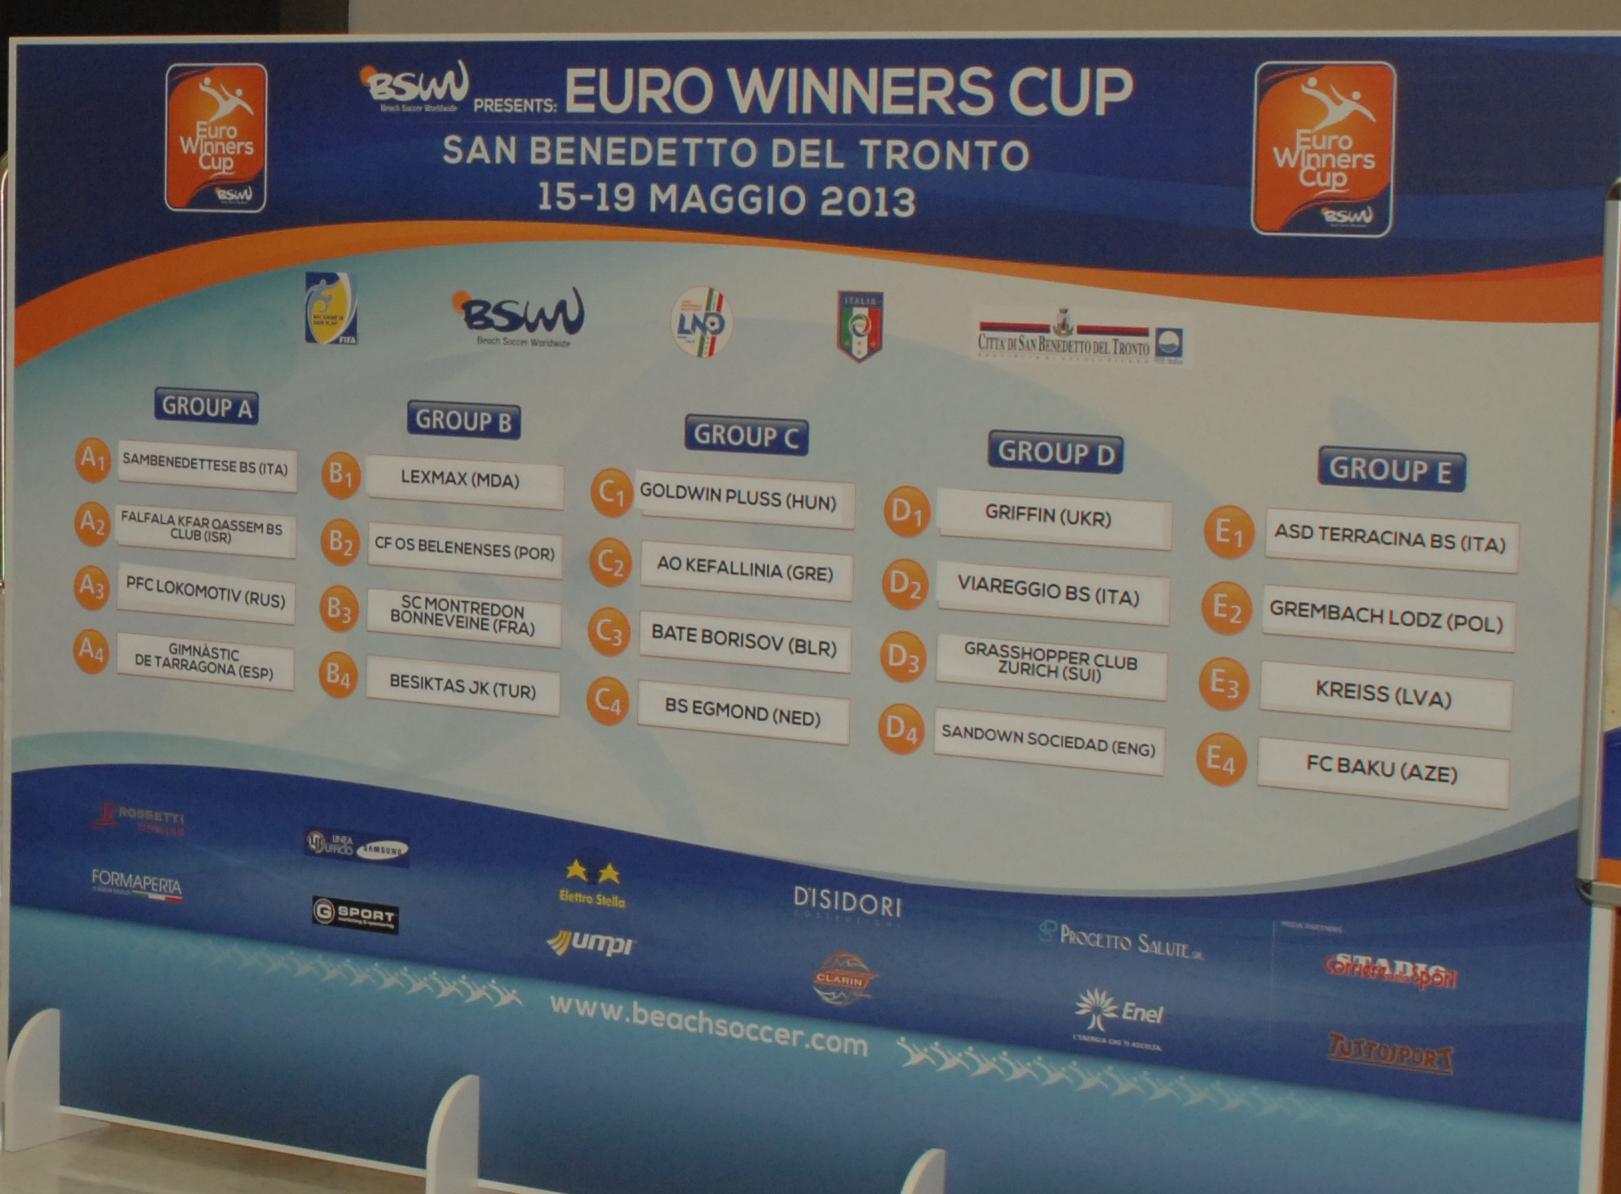 Il tabellone dei gironi della Euro Winners Cup